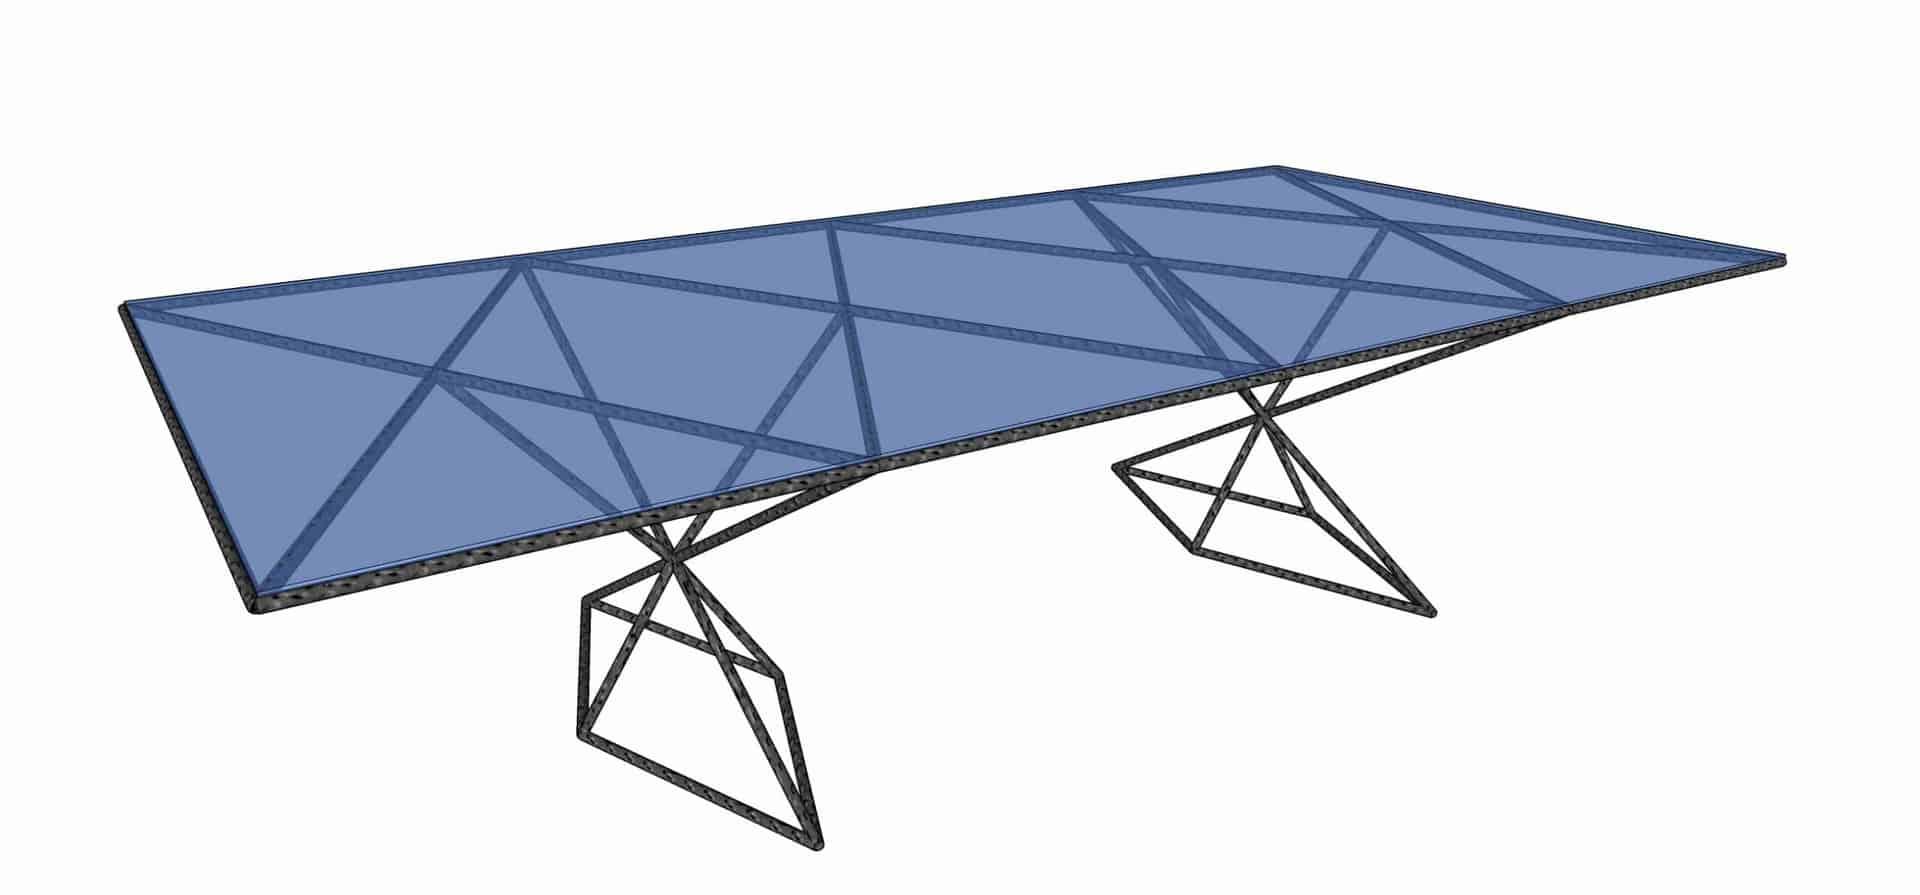 Rebar Table sketchup